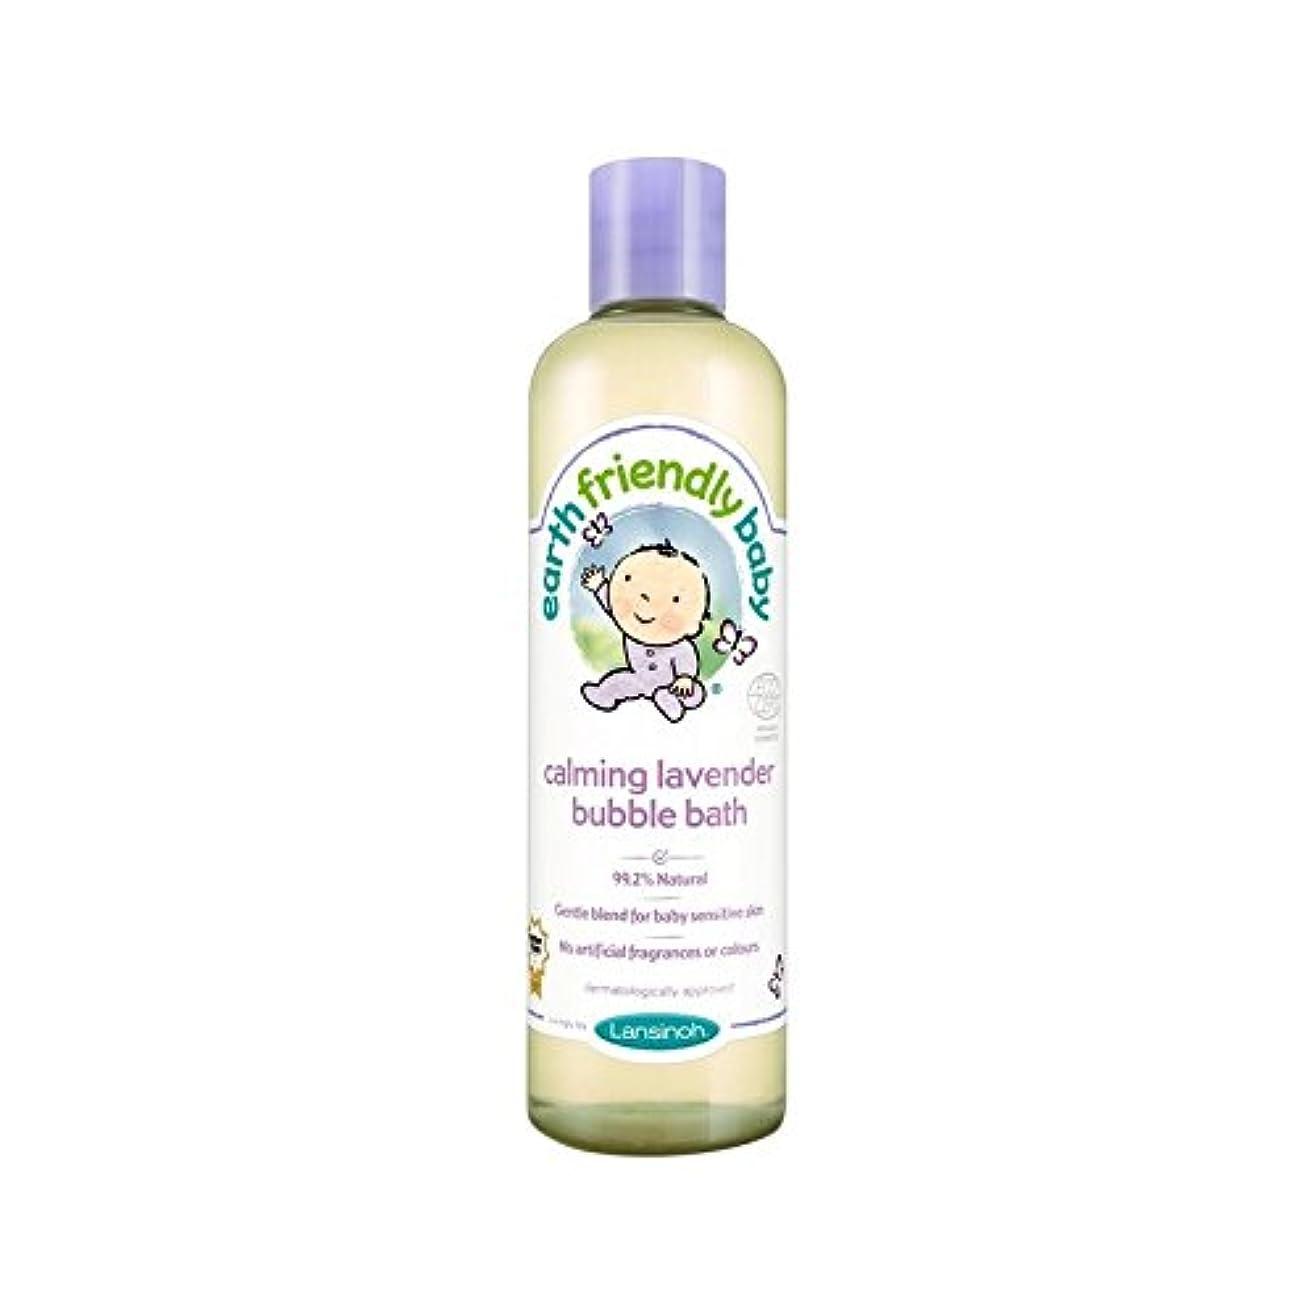 赤ちゃん沈静ラベンダー泡風呂のエコサートの300ミリリットル (Earth Friendly) - Earth Friendly Baby Calming Lavender Bubble Bath ECOCERT 300ml...